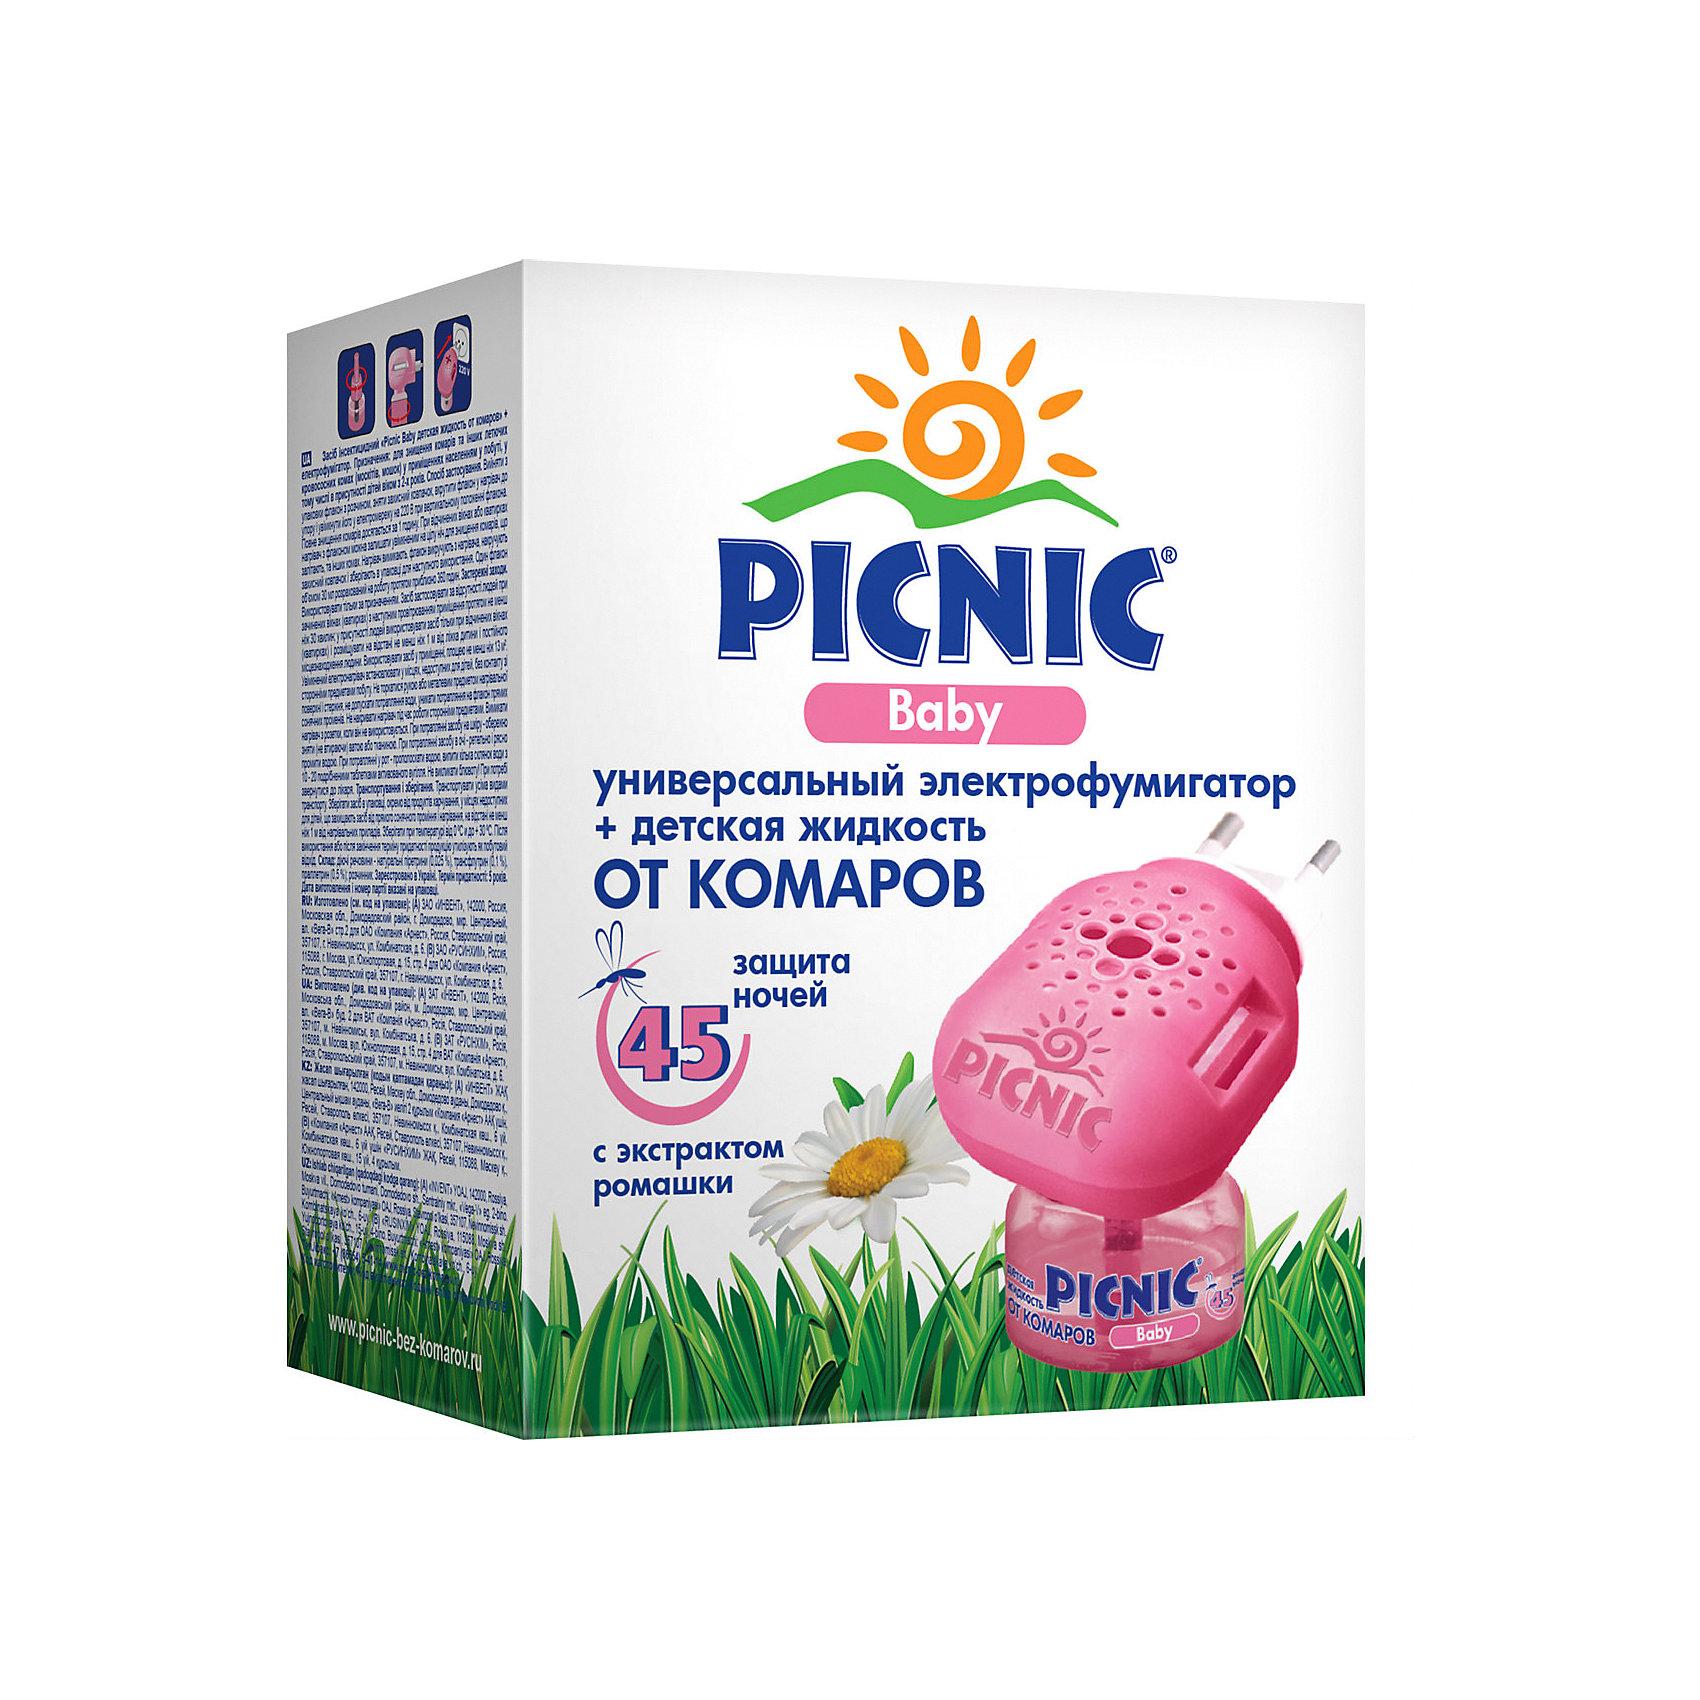 Фумигатор+жидкость от комаров 45 ночей, Picnic BabyСредства защиты от солнца и насекомых<br>Незаменимое средство для защиты малышей от комаров в помещений. В состав действующего вещества жидкости – натуральный экстаркт далматской ромашки, известный своей эффективностью против насекомых. Жидкость Picnic Baby обеспечивает эффективную и безопасную защиту от комаров в помещении на протяжении 45 ночей. Не имеет запаха. Универсальный прибор подходит как для жидкости, так и для пластин, имеет световой индикатор и поворотную вилку.<br><br>Фумигатор+жидкость от комаров 45 ночей, Picnic Baby можно купить в нашем магазине.<br><br>Ширина мм: 93<br>Глубина мм: 64<br>Высота мм: 115<br>Вес г: 150<br>Возраст от месяцев: 0<br>Возраст до месяцев: 1188<br>Пол: Унисекс<br>Возраст: Детский<br>SKU: 4667902